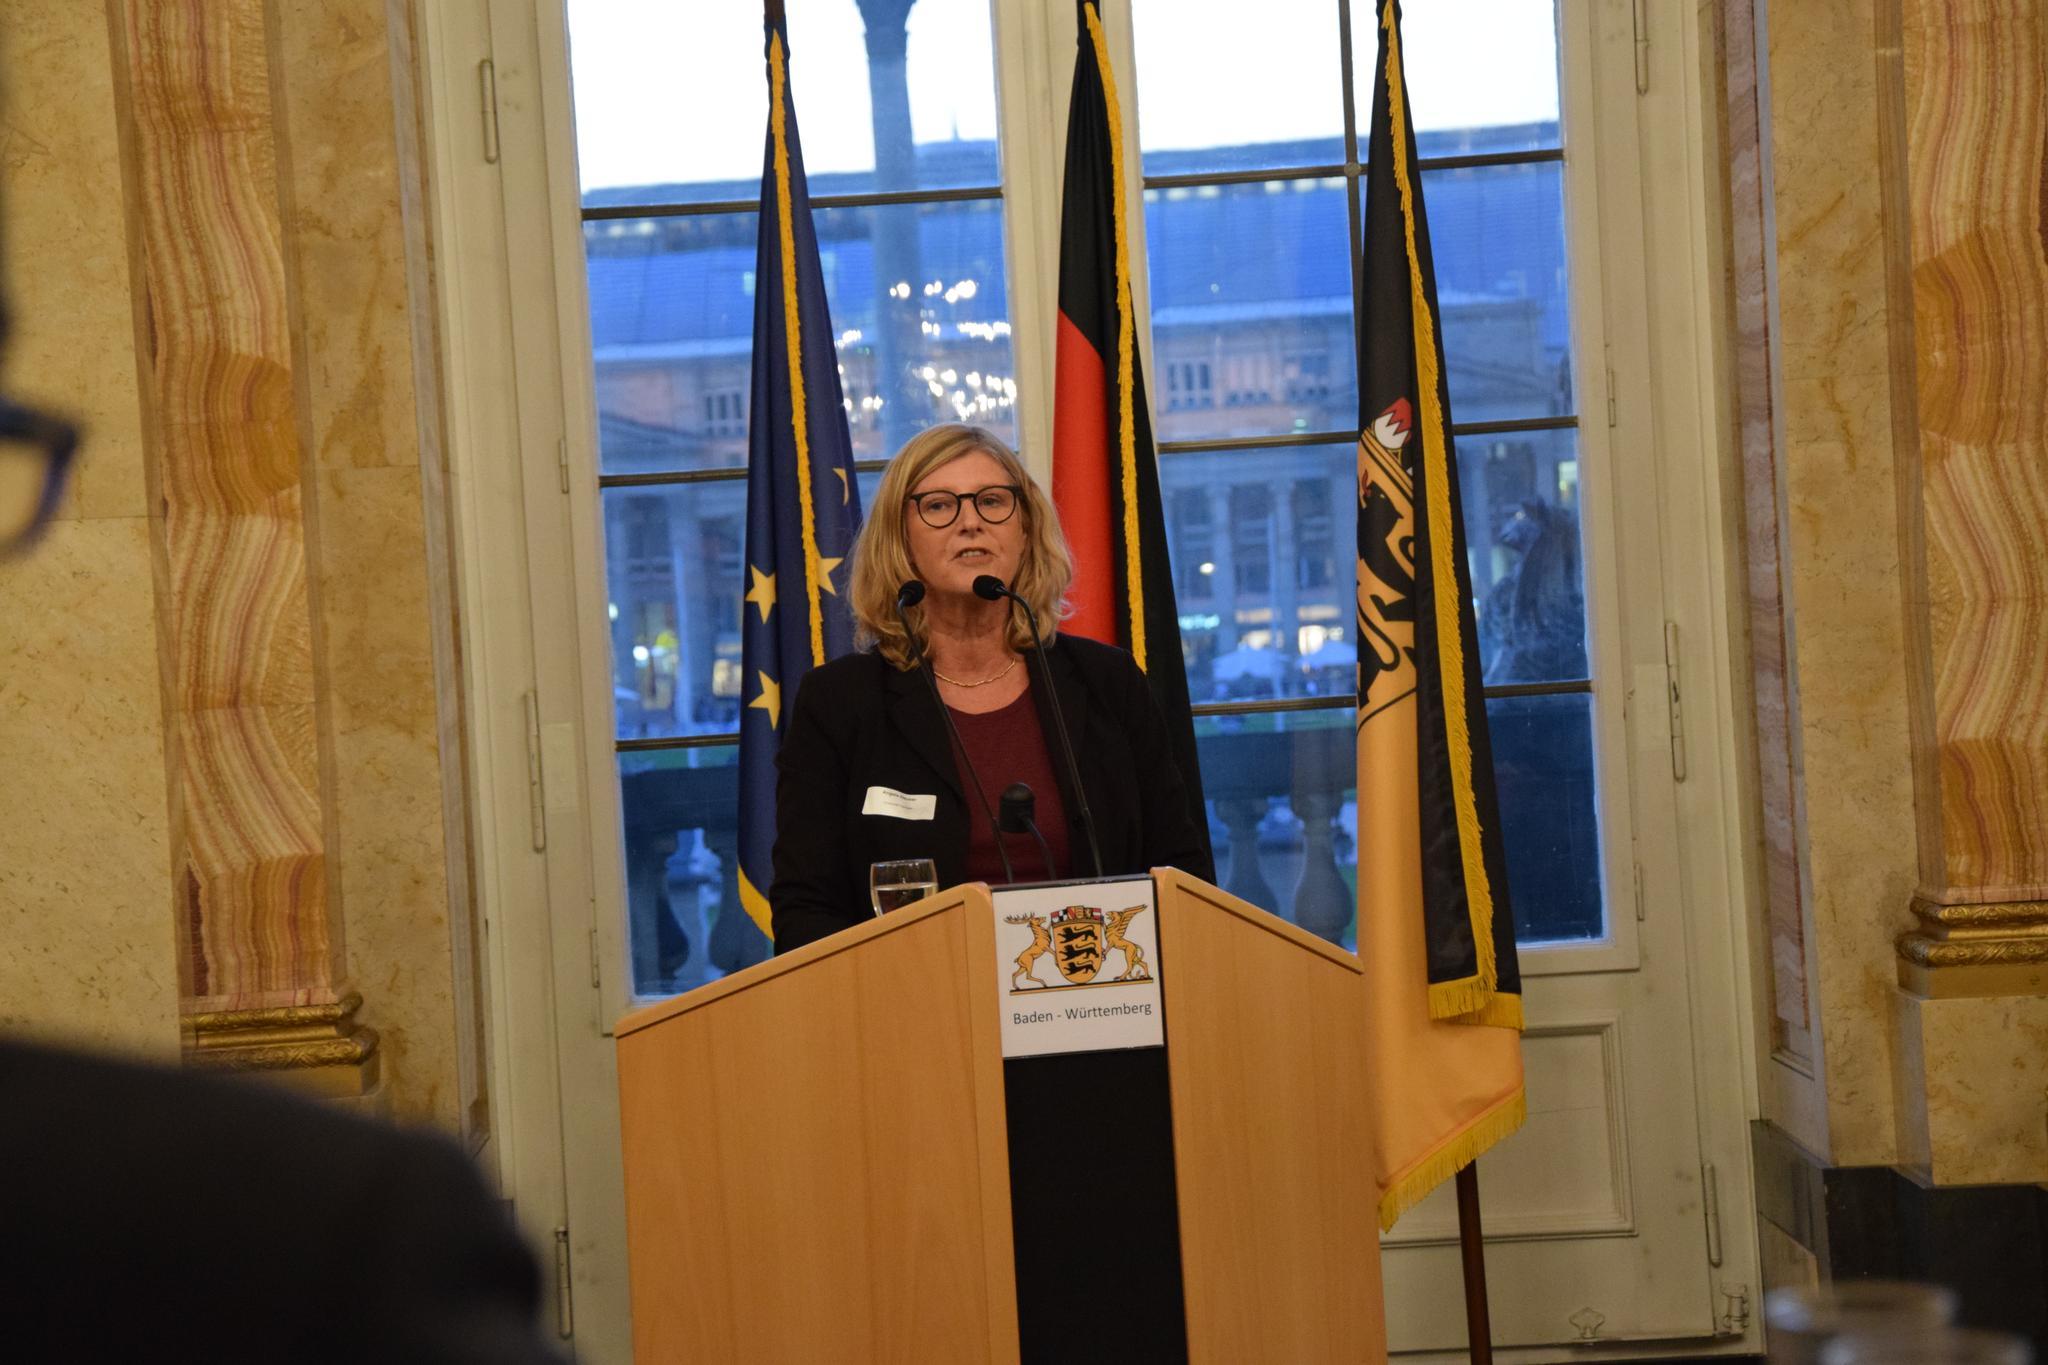 Betriebs- und Personalräteempfang im Neuen Schloss, 16.10.2017